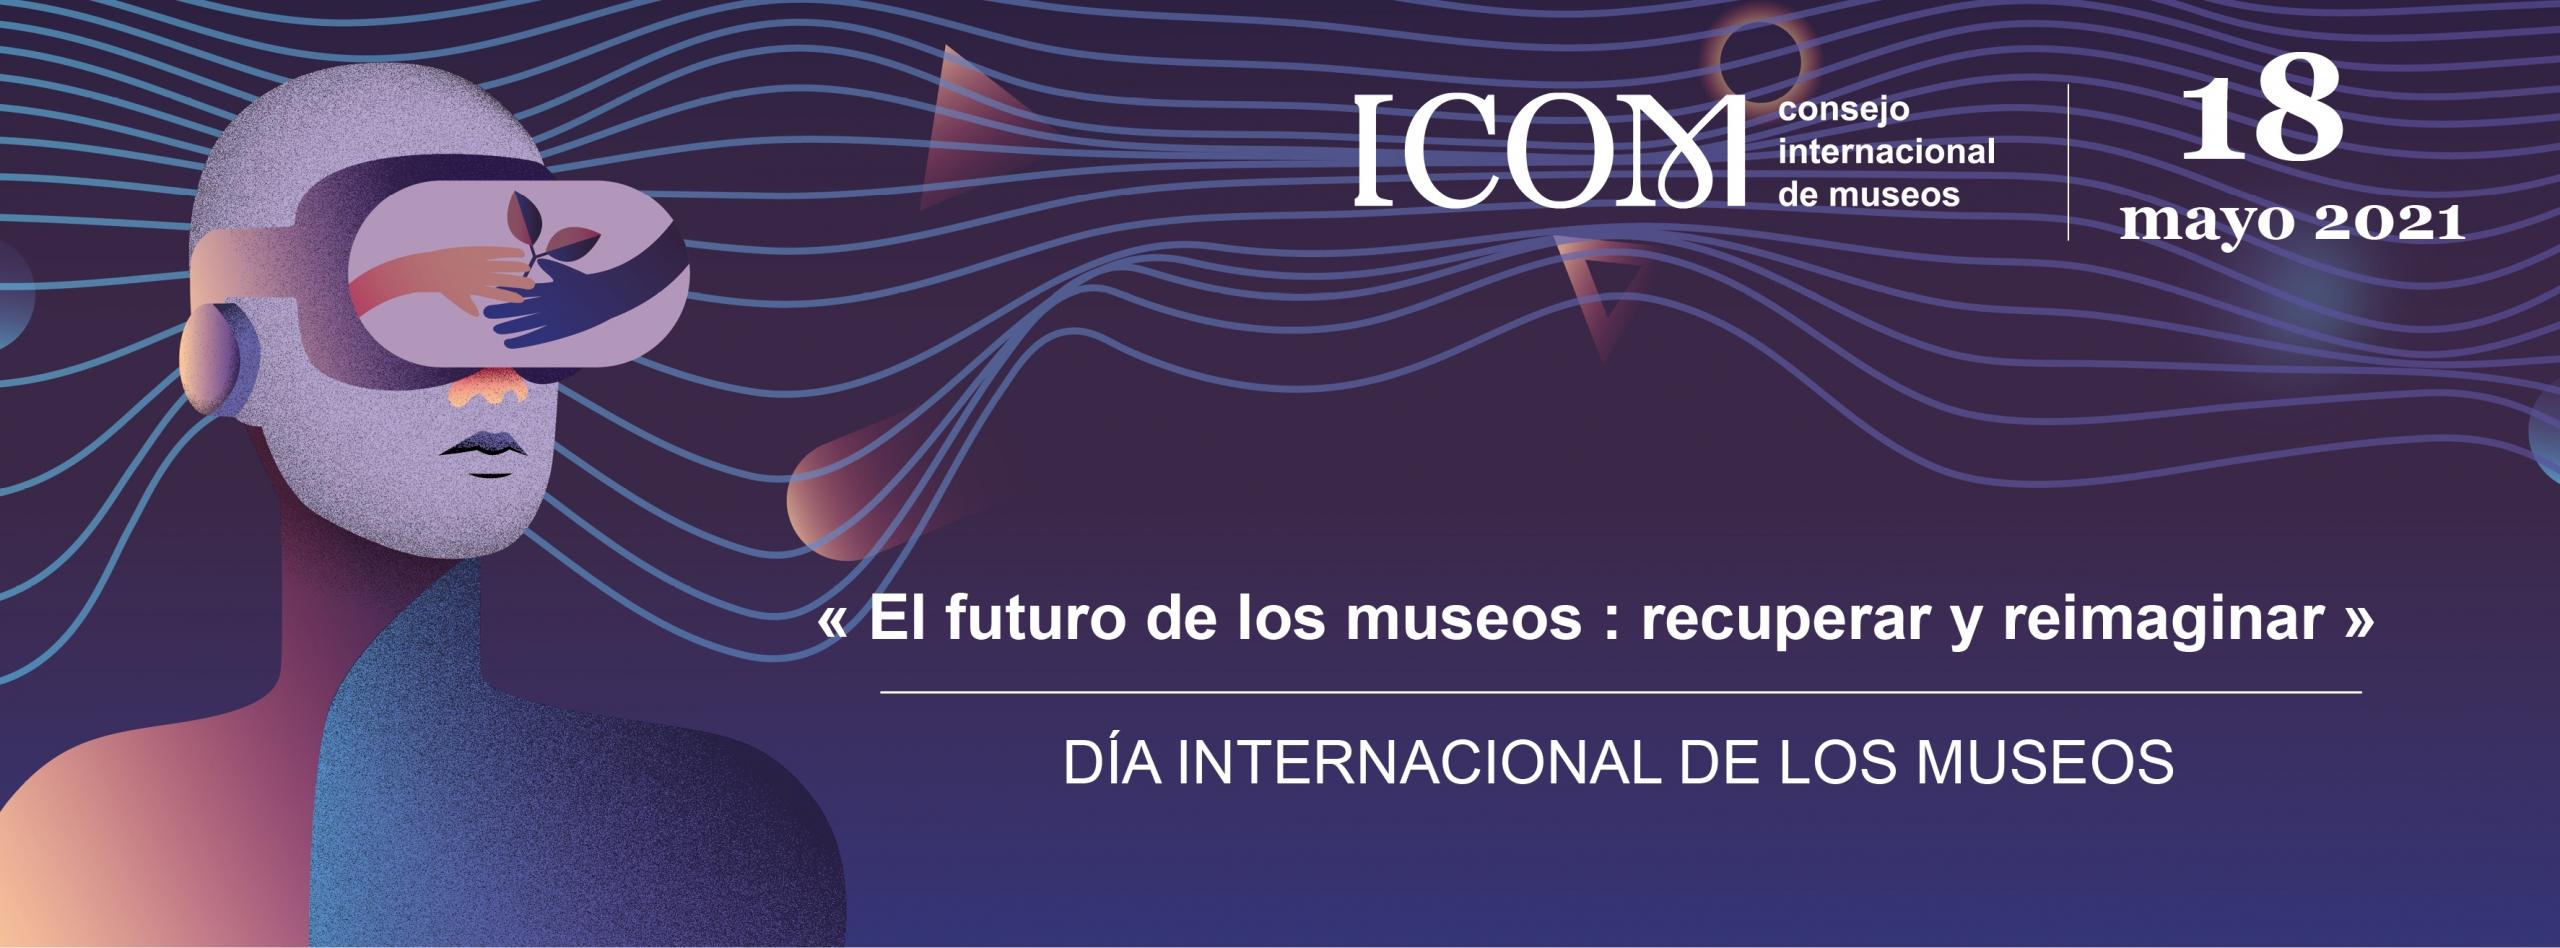 Recuperar y reimaginar: la temática que rodea al Día Internacional de los Museos 2021